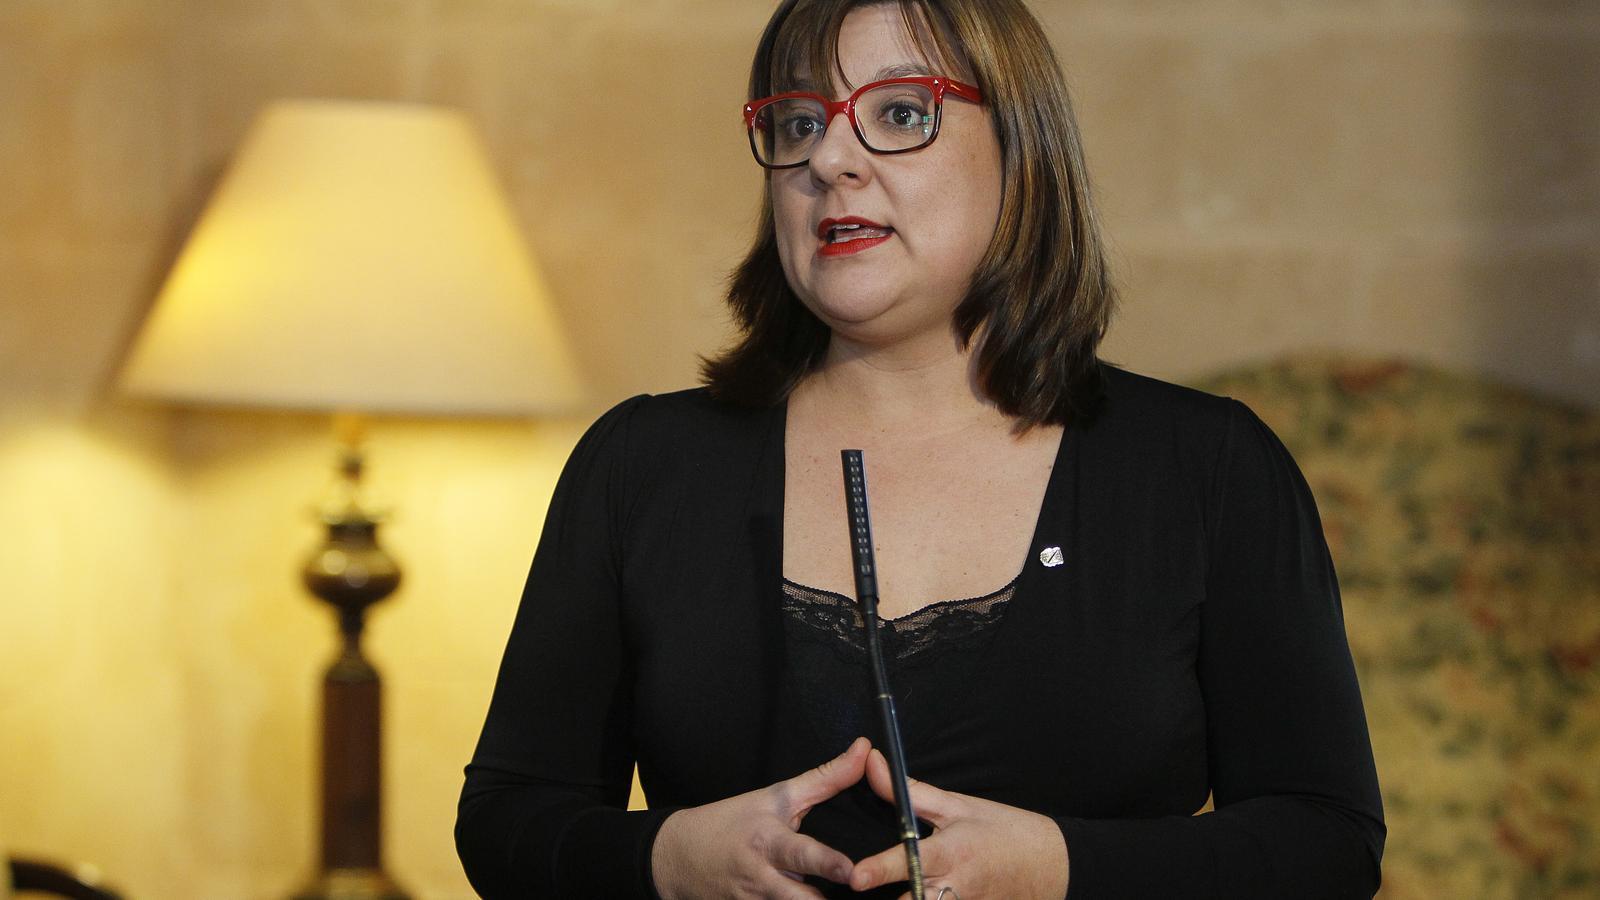 Bel Busquets després de ser nomenada consellera de Turisme.